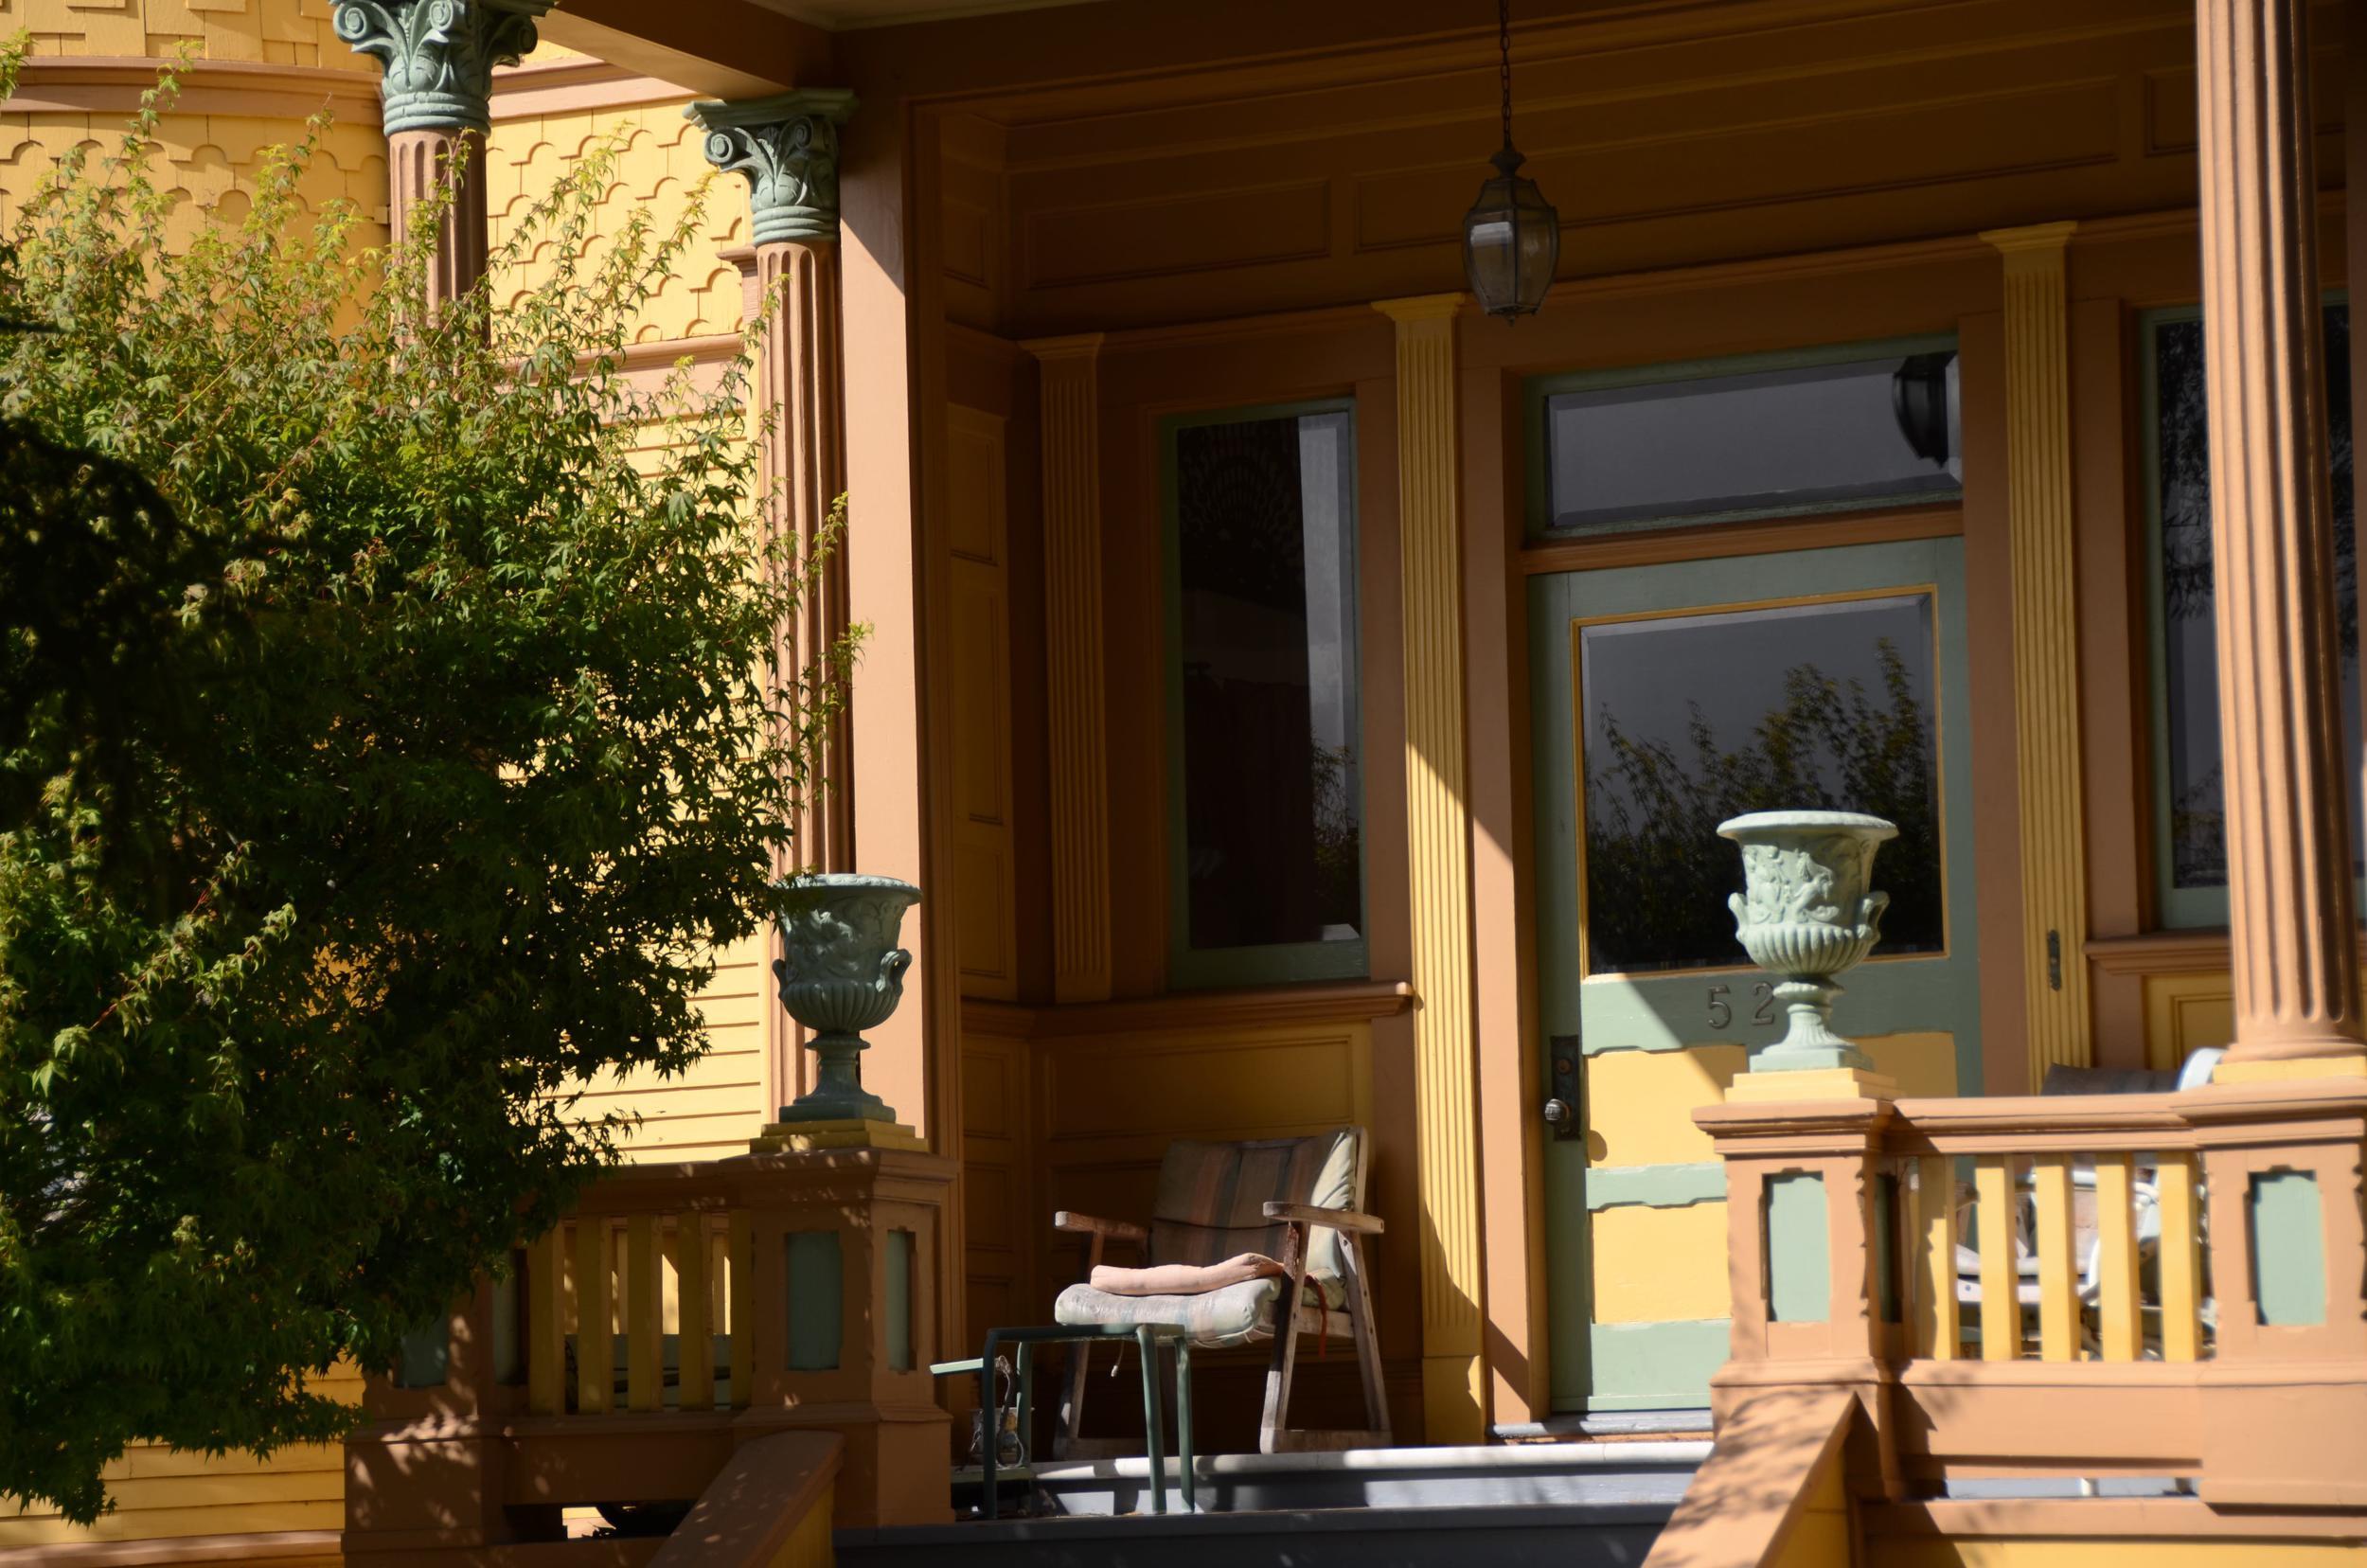 Santa Cruz: Fred Swanton's Front Porch 2015